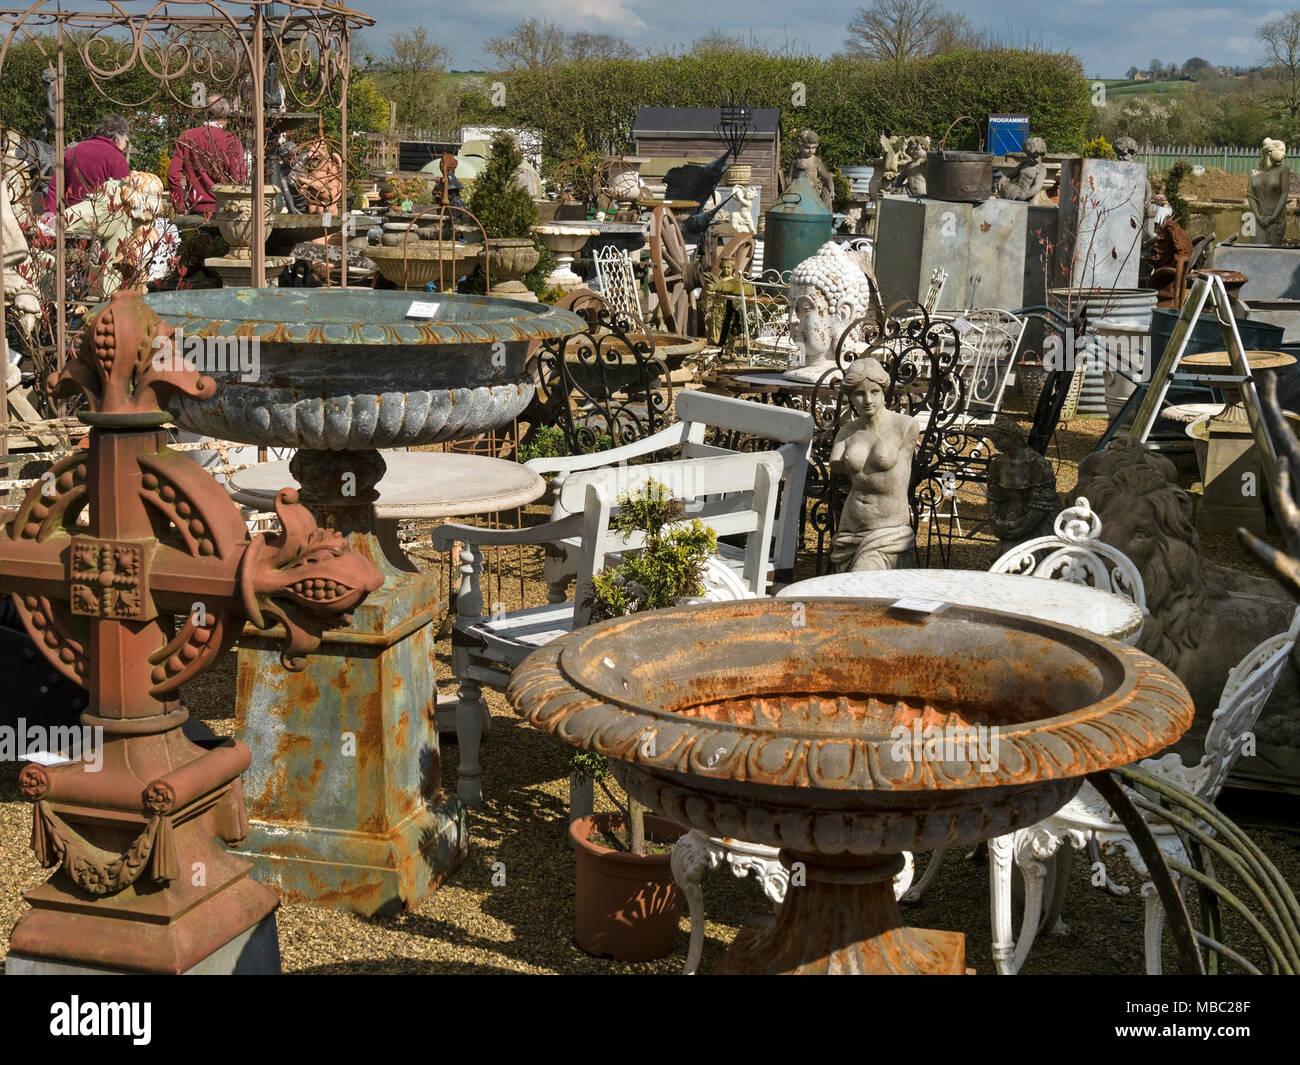 Old vintage & mobilier de jardin ornements (statues, des urnes, des jardinières, d'oiseaux) dans une cour, un jardin de récupération classiques, Ashwell, Rutland, England, UK Banque D'Images